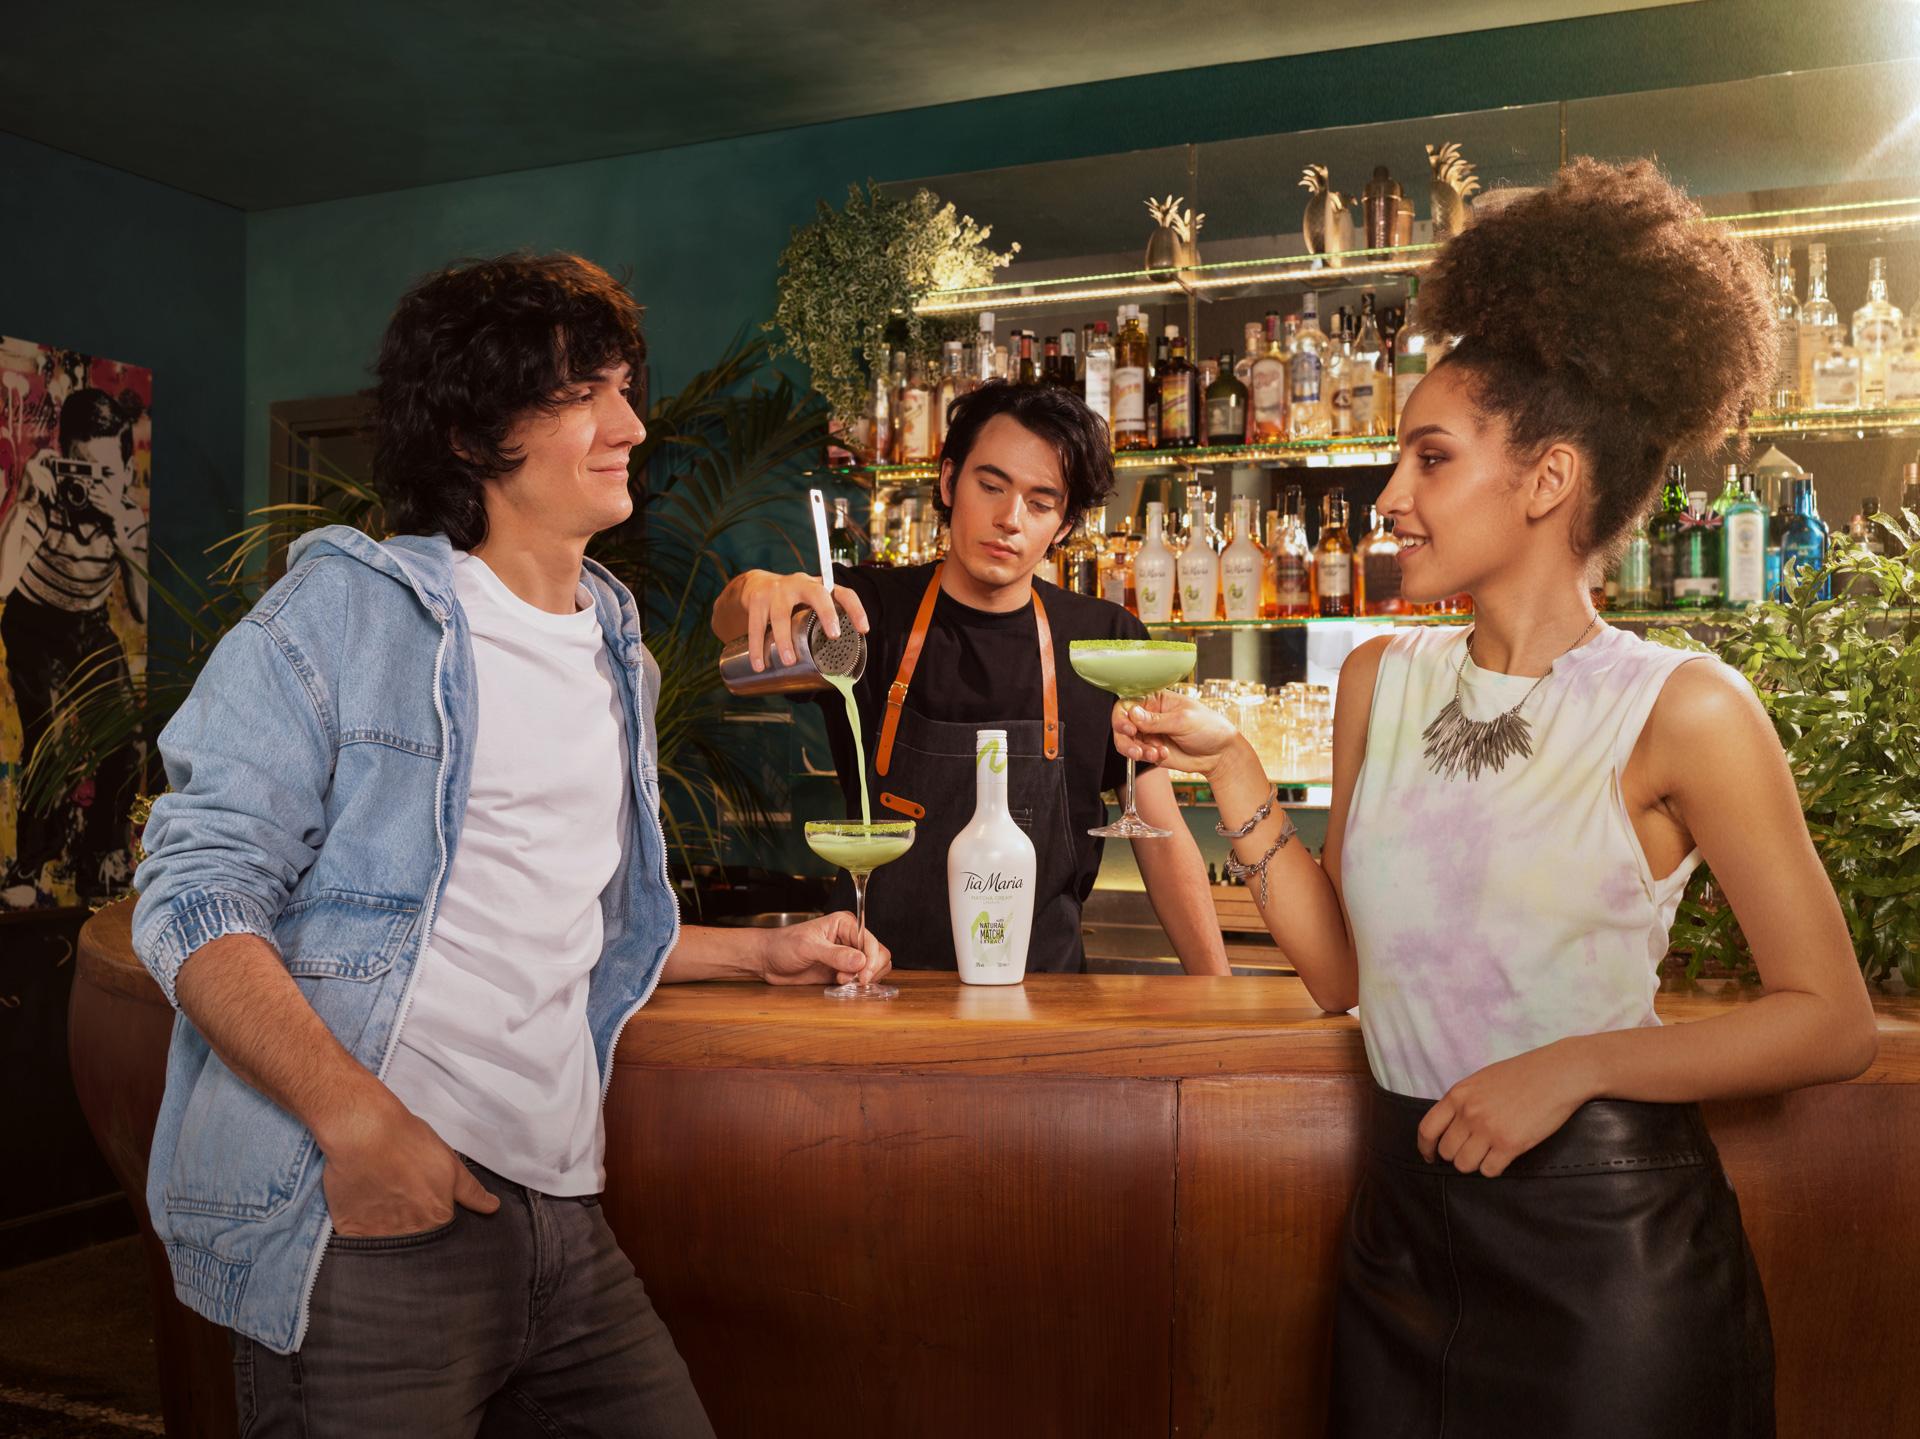 fotografia pubblicita beverage esposito